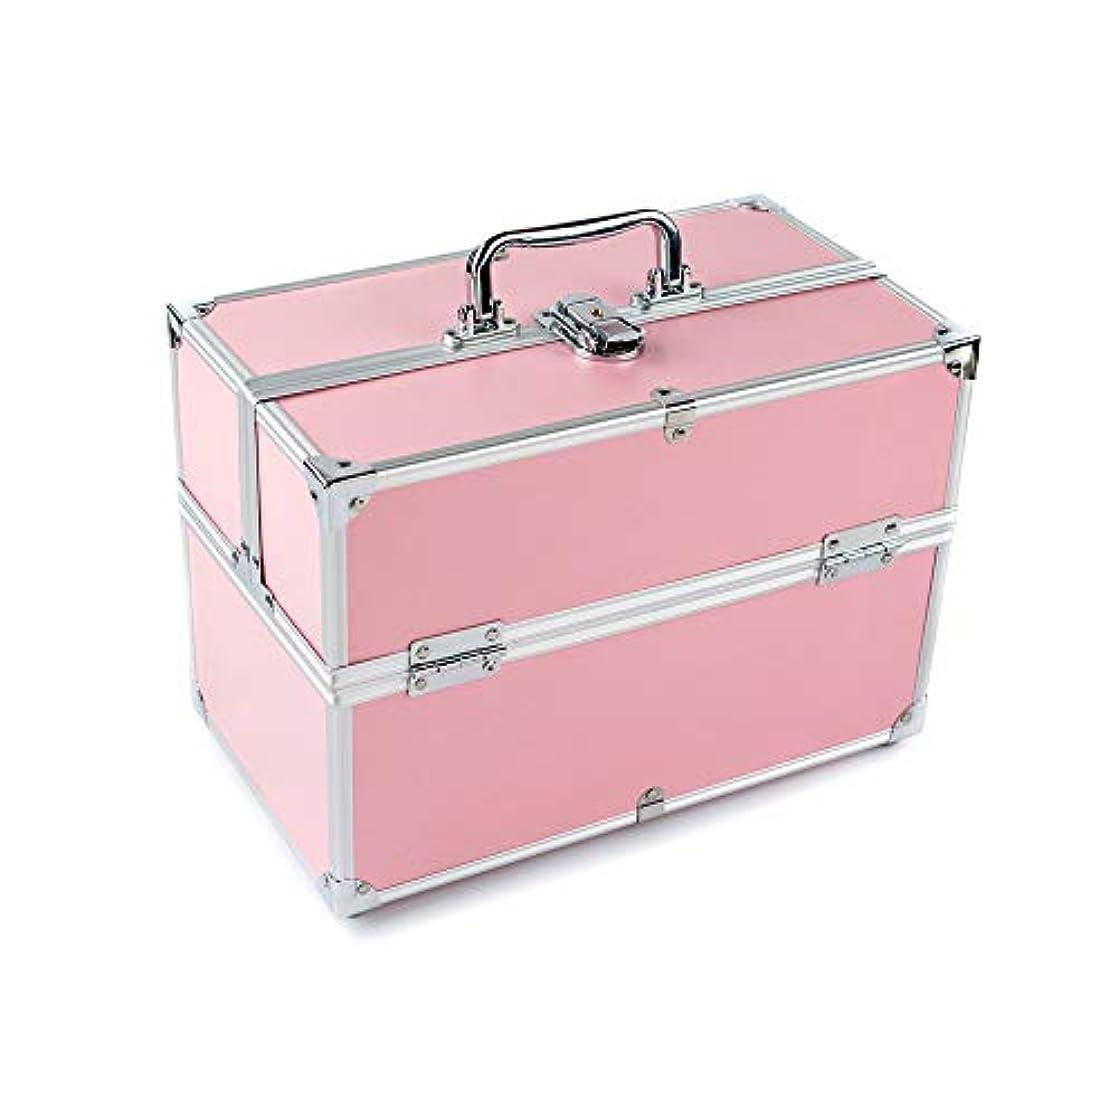 飢えペパーミント何よりも特大スペース収納ビューティーボックス 美の構造のためそしてジッパーおよび折る皿が付いている女の子の女性旅行そして毎日の貯蔵のための高容量の携帯用化粧品袋 化粧品化粧台 (色 : ピンク)